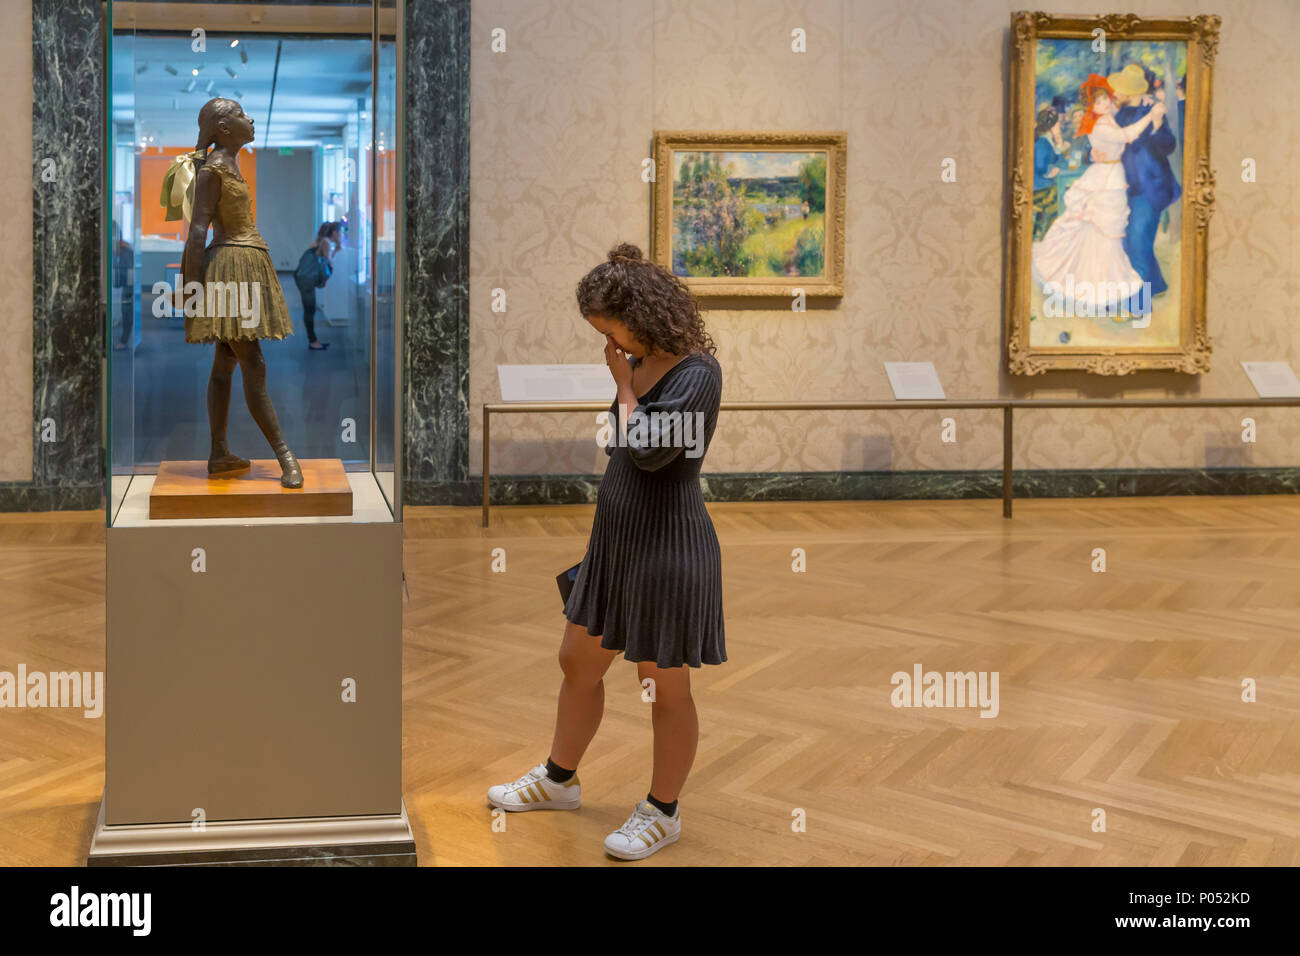 Joven admira la Pequeña bailarina de 14 años de edad, Edgar Degas, 1888, Museum of Fine Arts, Boston, Mass, Estados Unidos, América del Norte Imagen De Stock